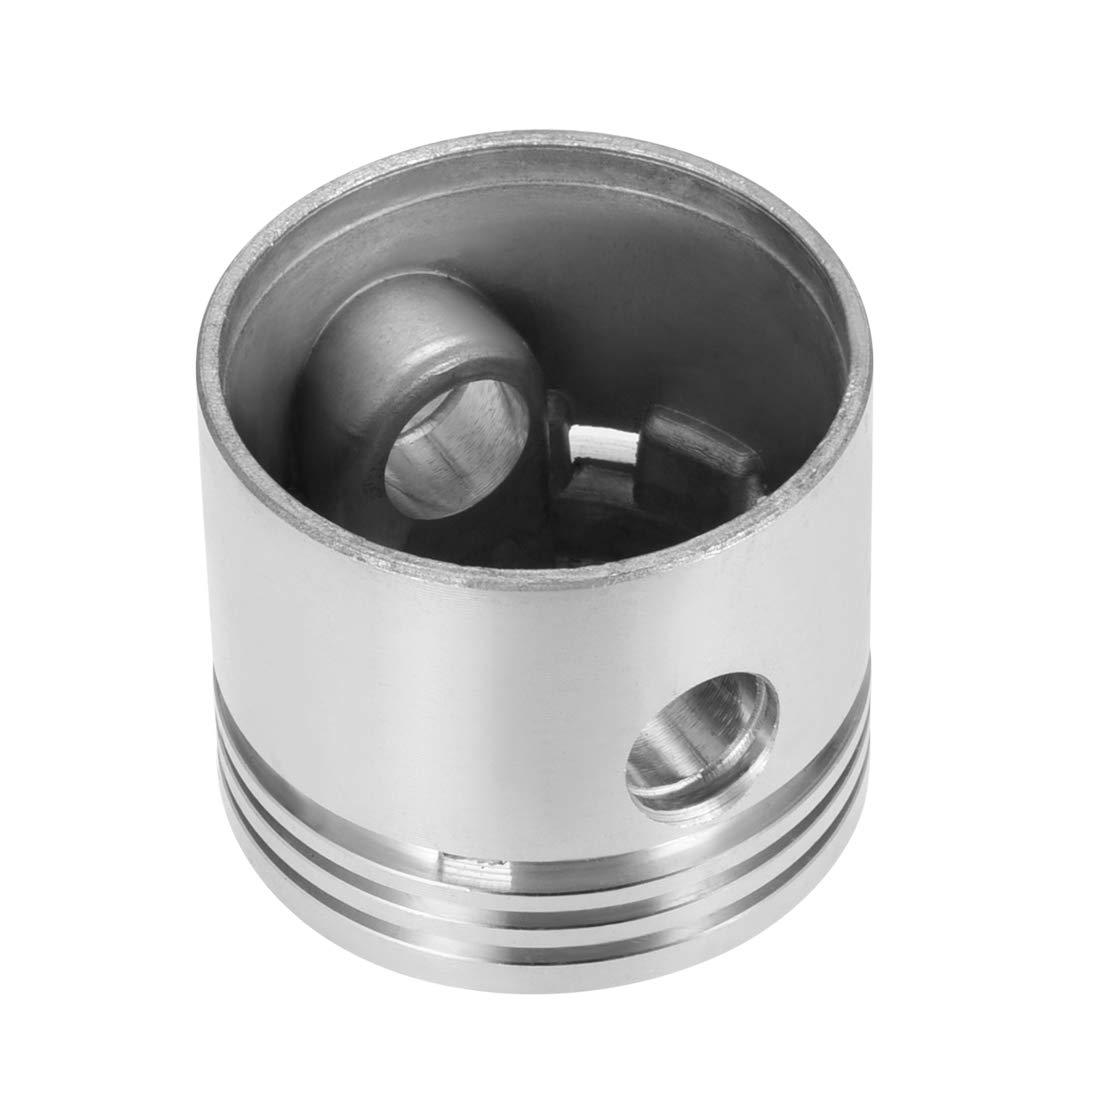 sourcing map Compresor de aire motor pistón aleación de aluminio de 47 mm de diámetro 40 mm de altura con un diámetro de 12 mm: Amazon.es: Bricolaje y ...